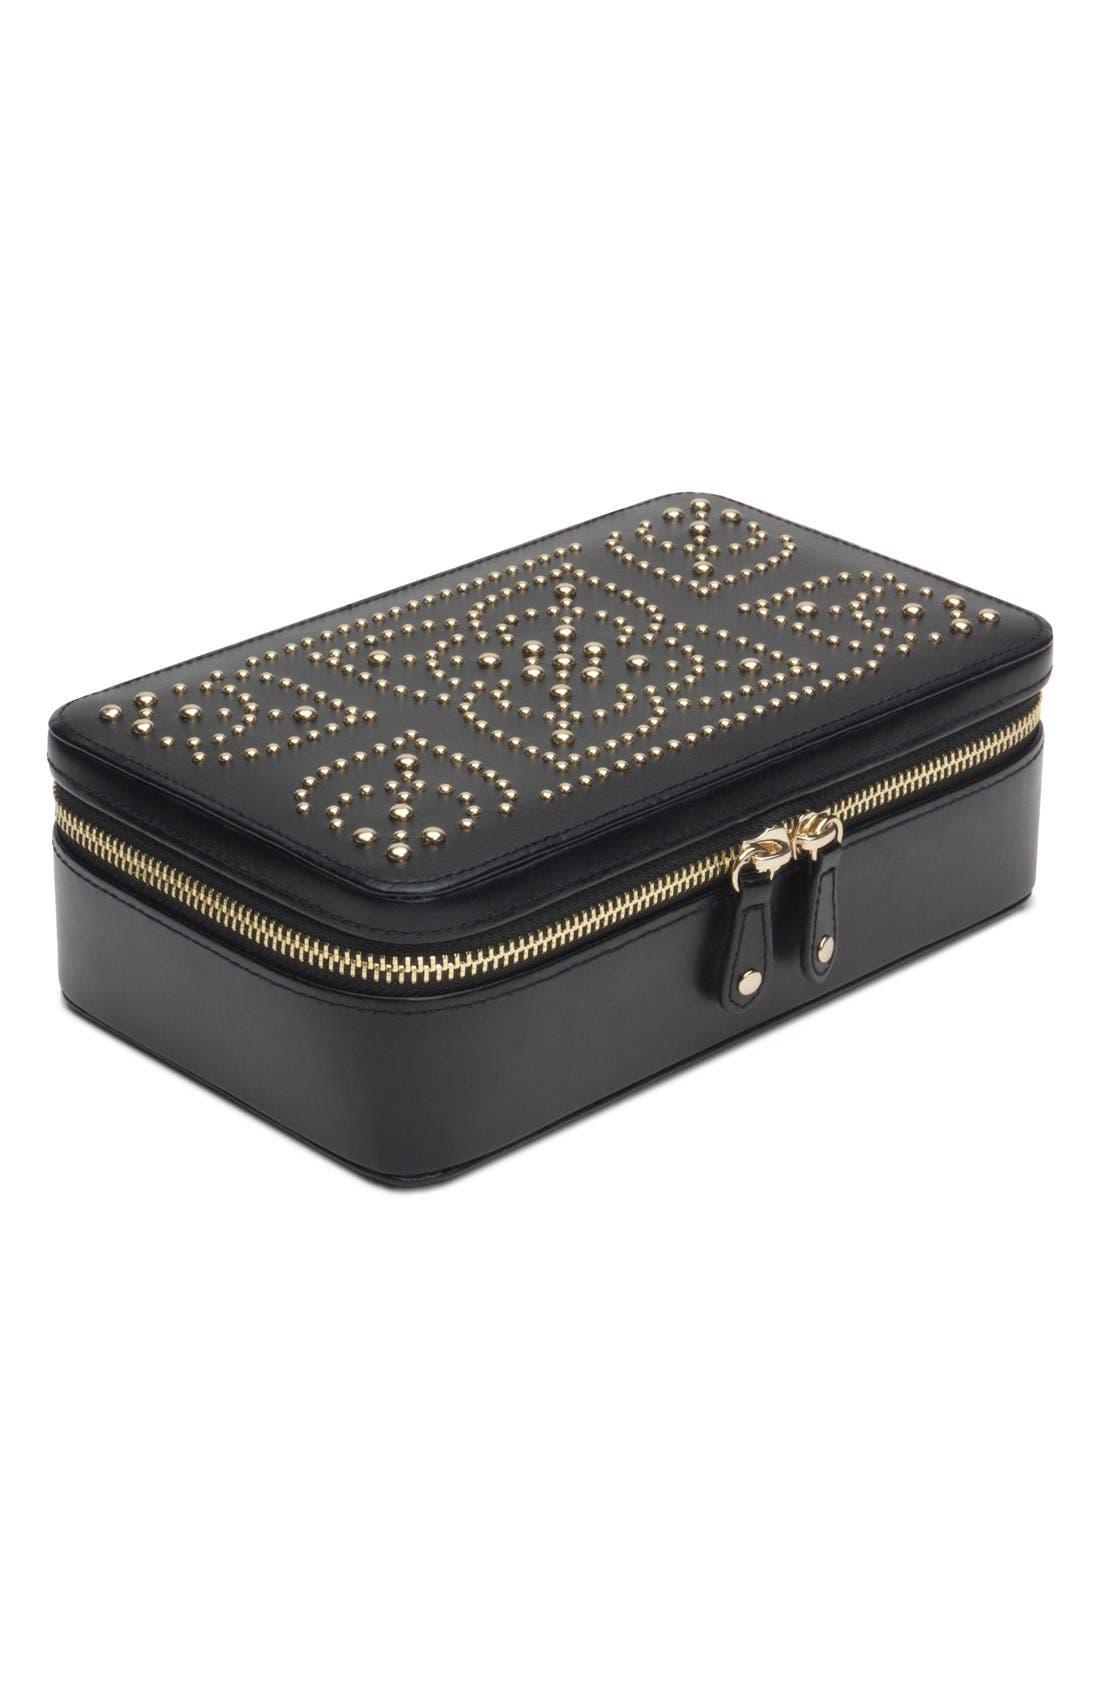 Jewelry Rolls Jewelry Cases Nordstrom